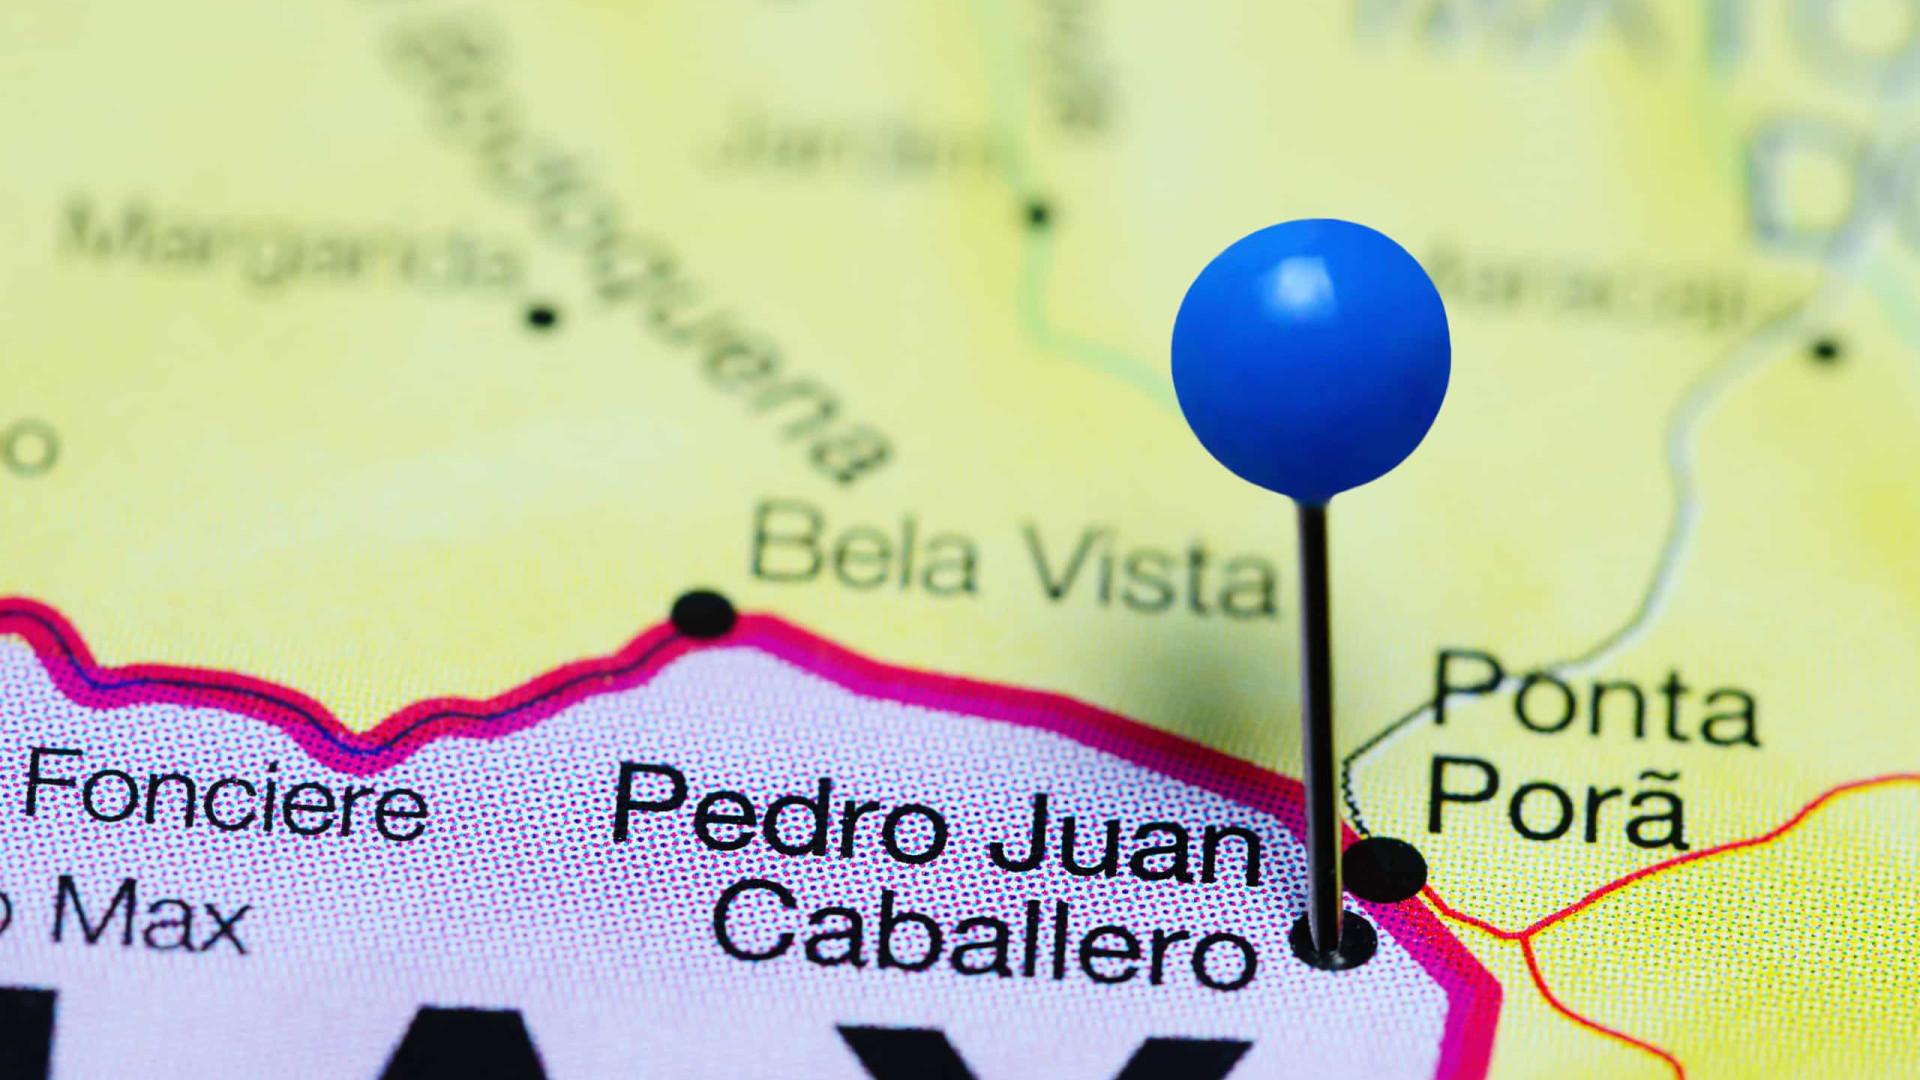 Cinco pessoas são mortas na fronteira de Brasil com Paraguai em menos de 24 horas